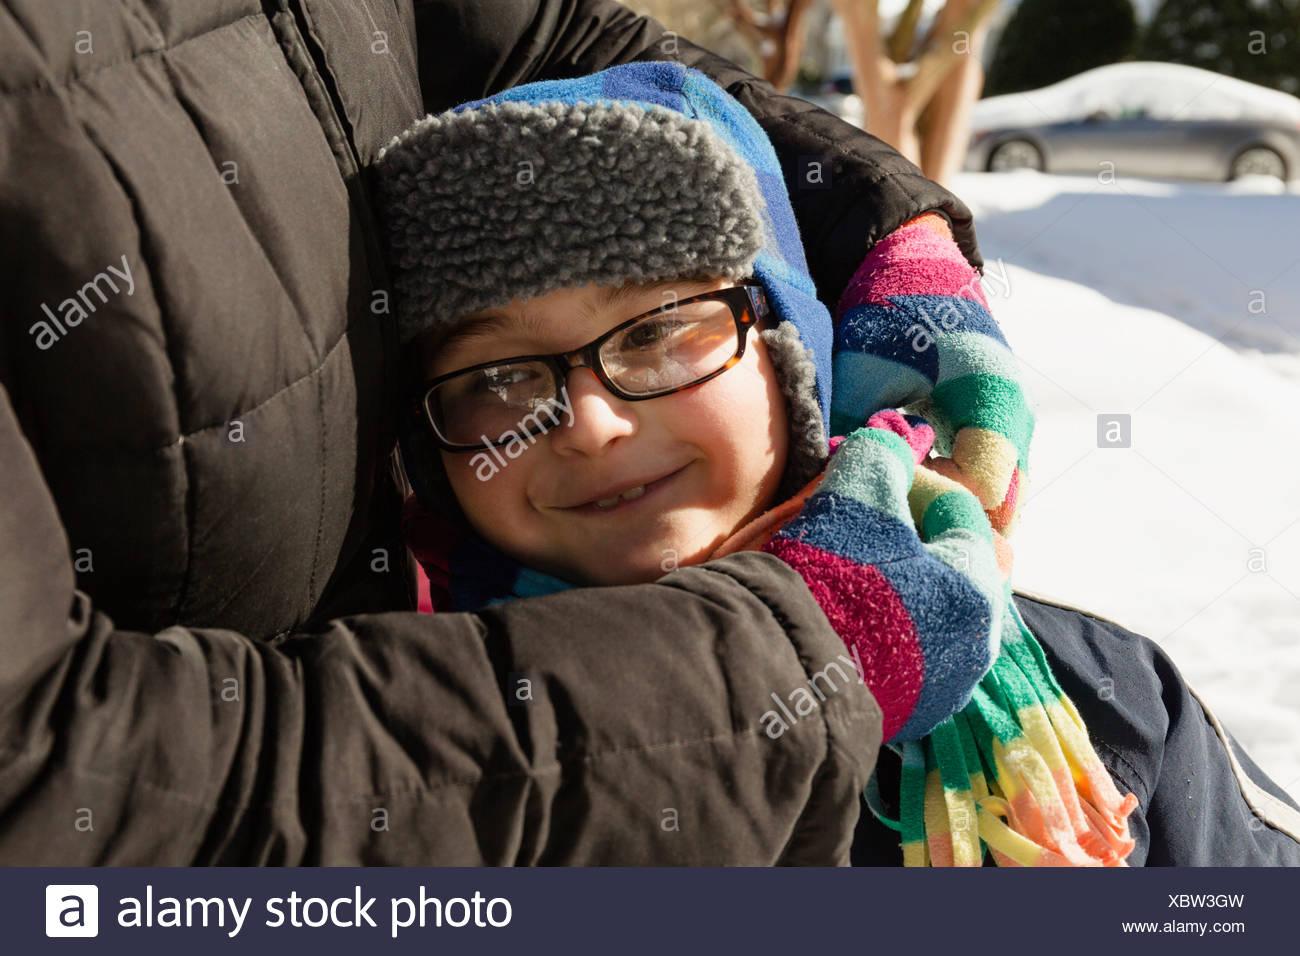 Abrazarse madre hijo vestidos de invierno gorra y gafas Imagen De Stock